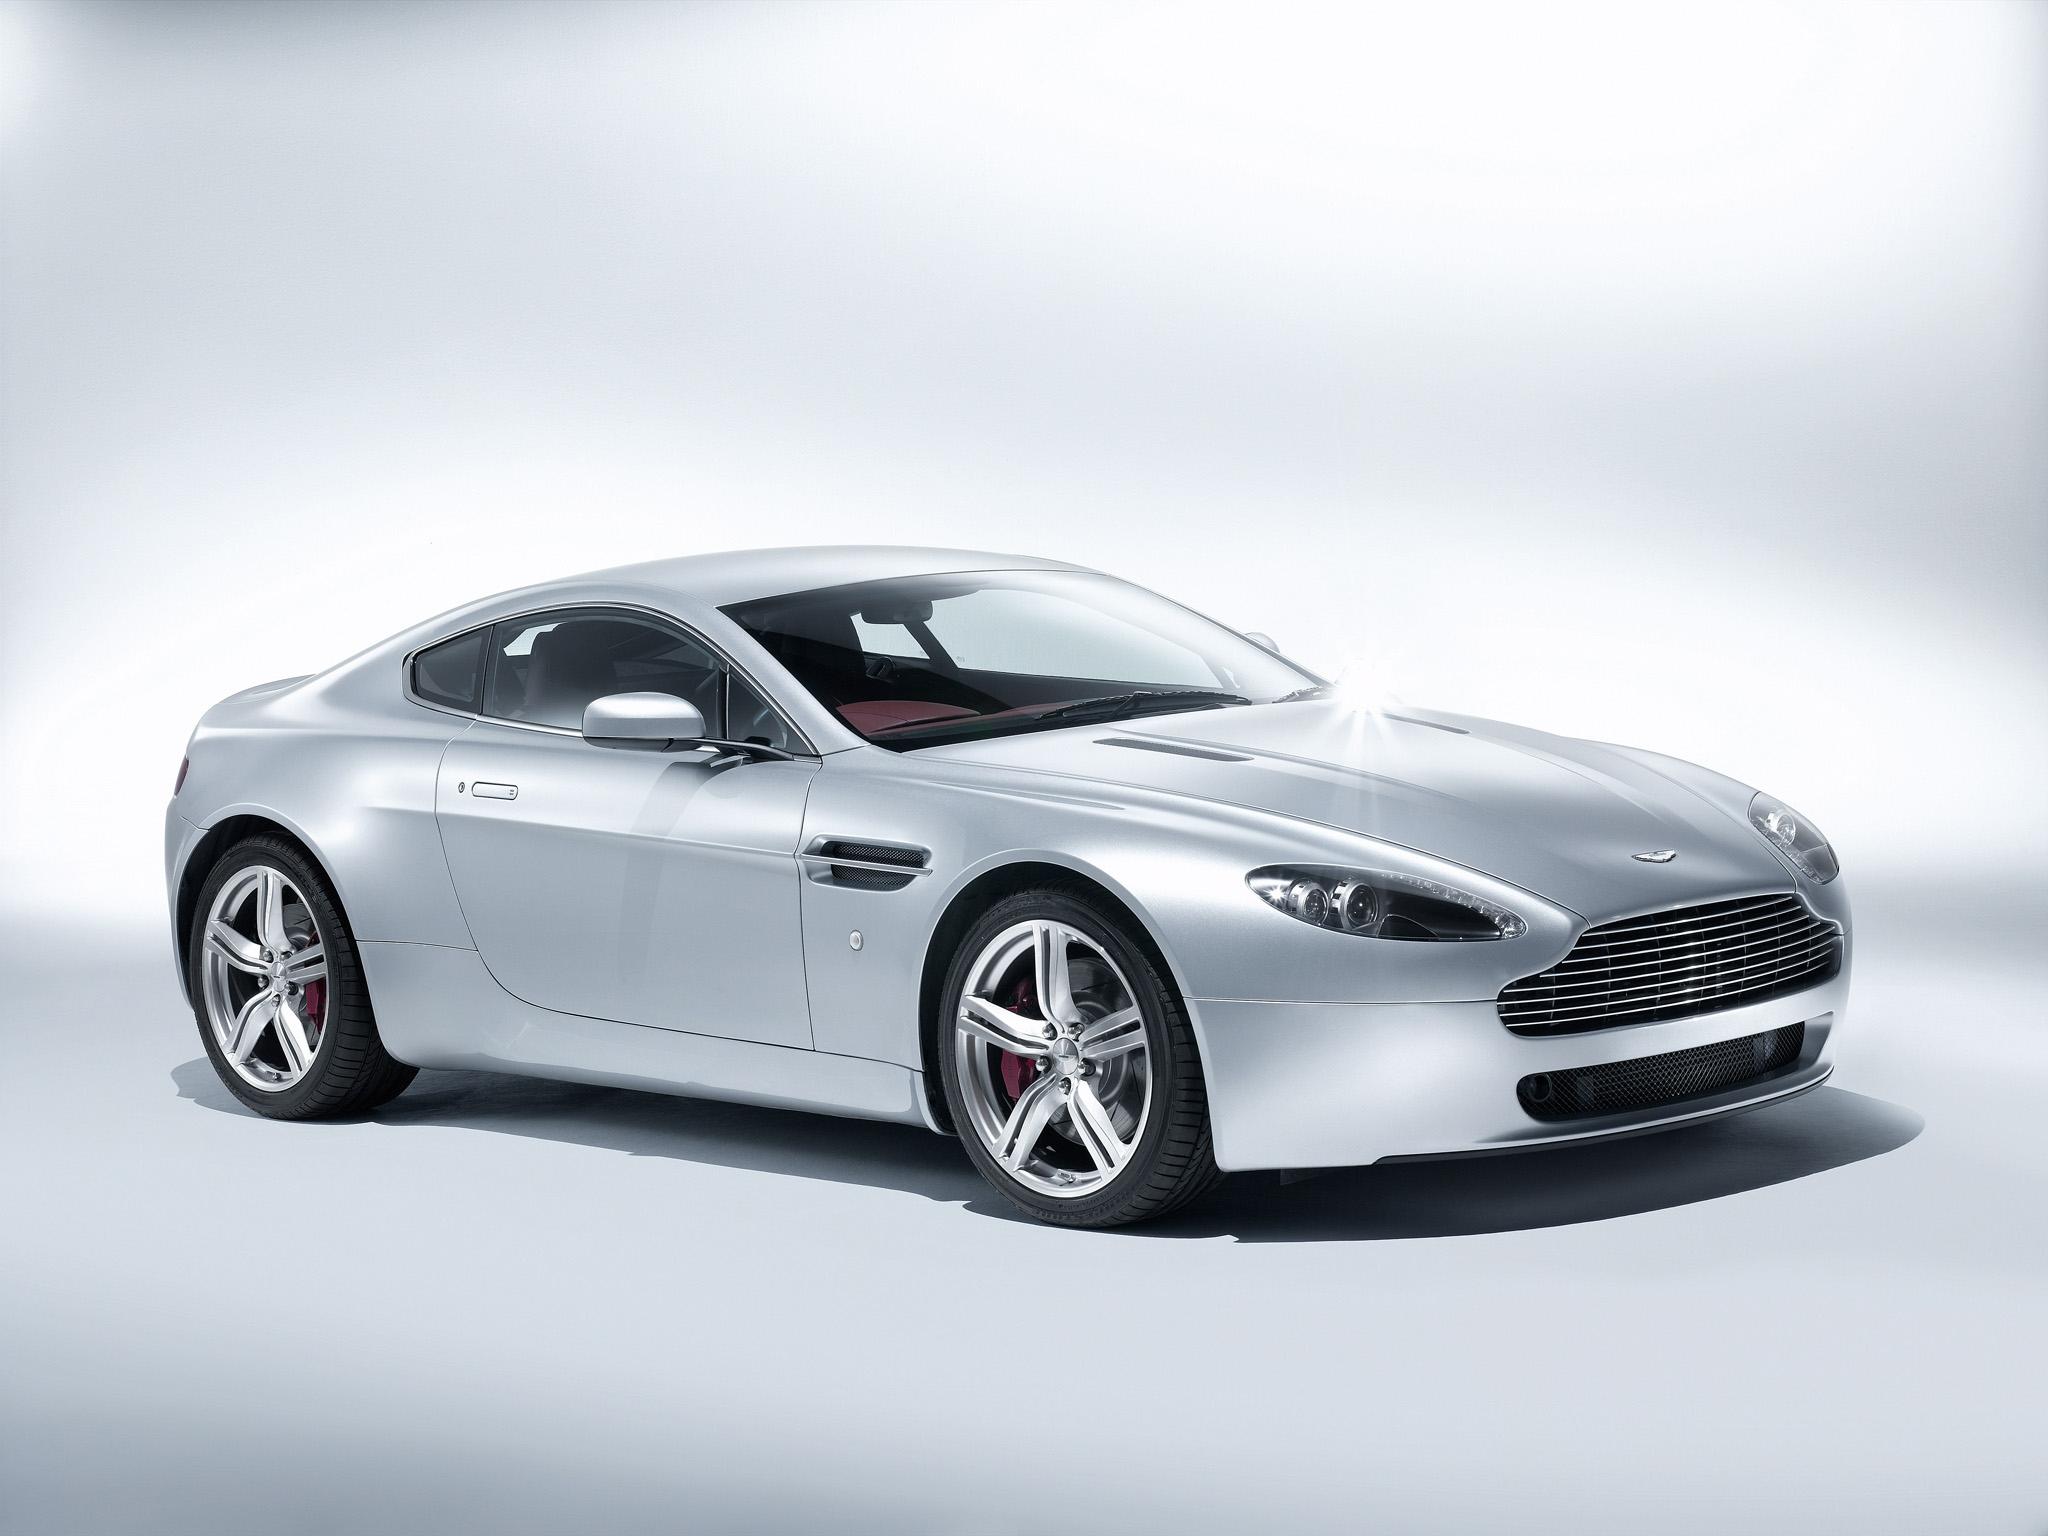 64086 скачать обои Тачки (Cars), Астон Мартин (Aston Martin), V8, Vantage, 2008, Белый, Вид Сбоку, Машины - заставки и картинки бесплатно